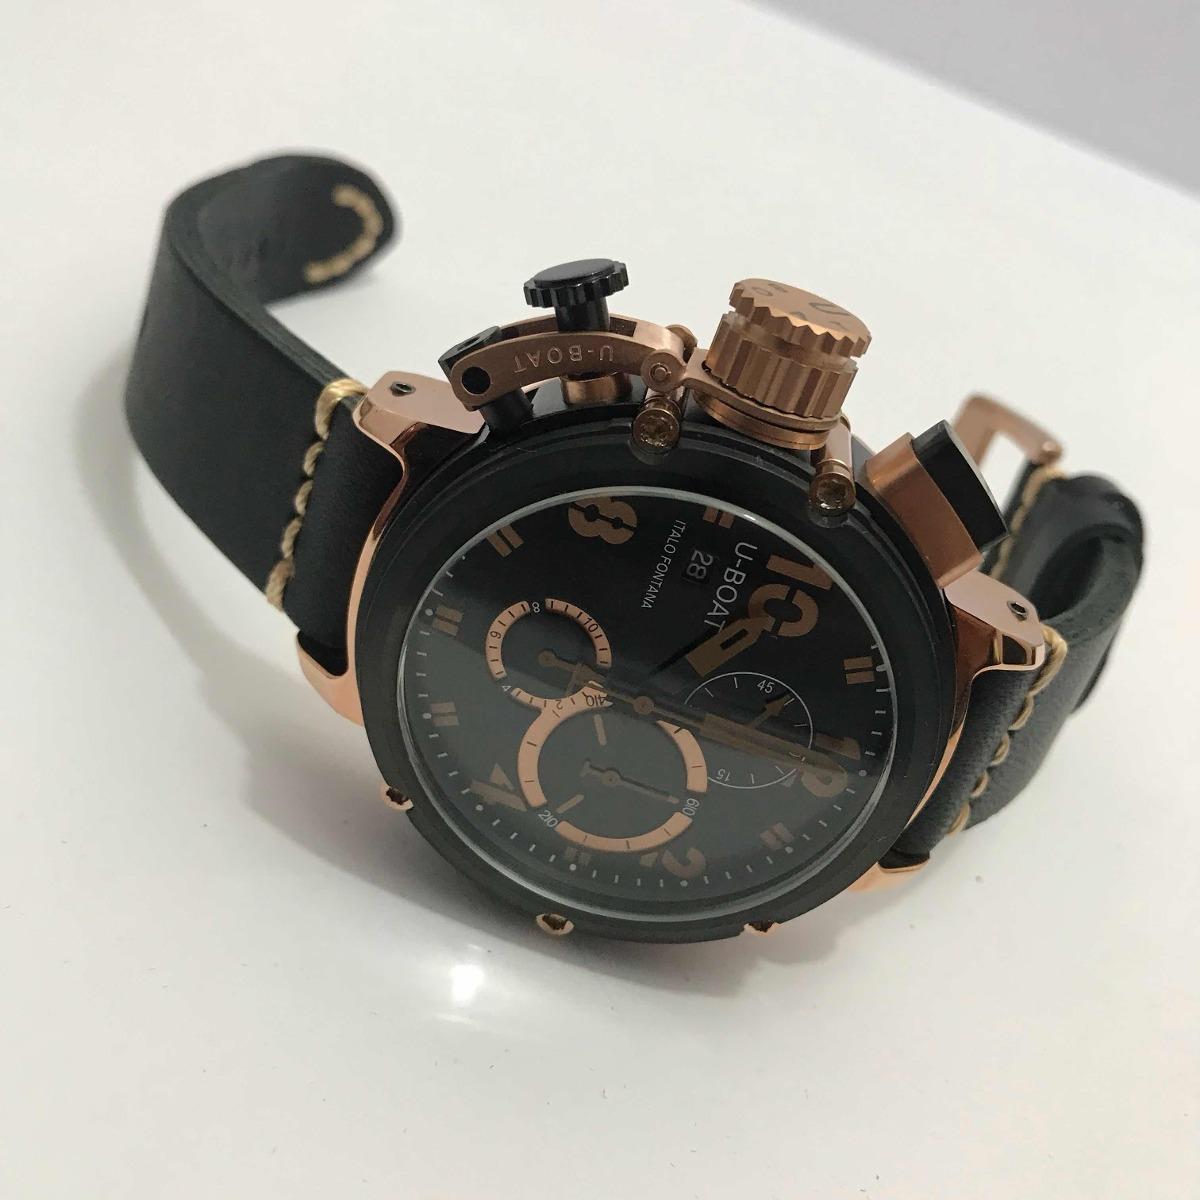 635a8907f43 relógio u-boat italo fontana preto detalhe rose. Carregando zoom.